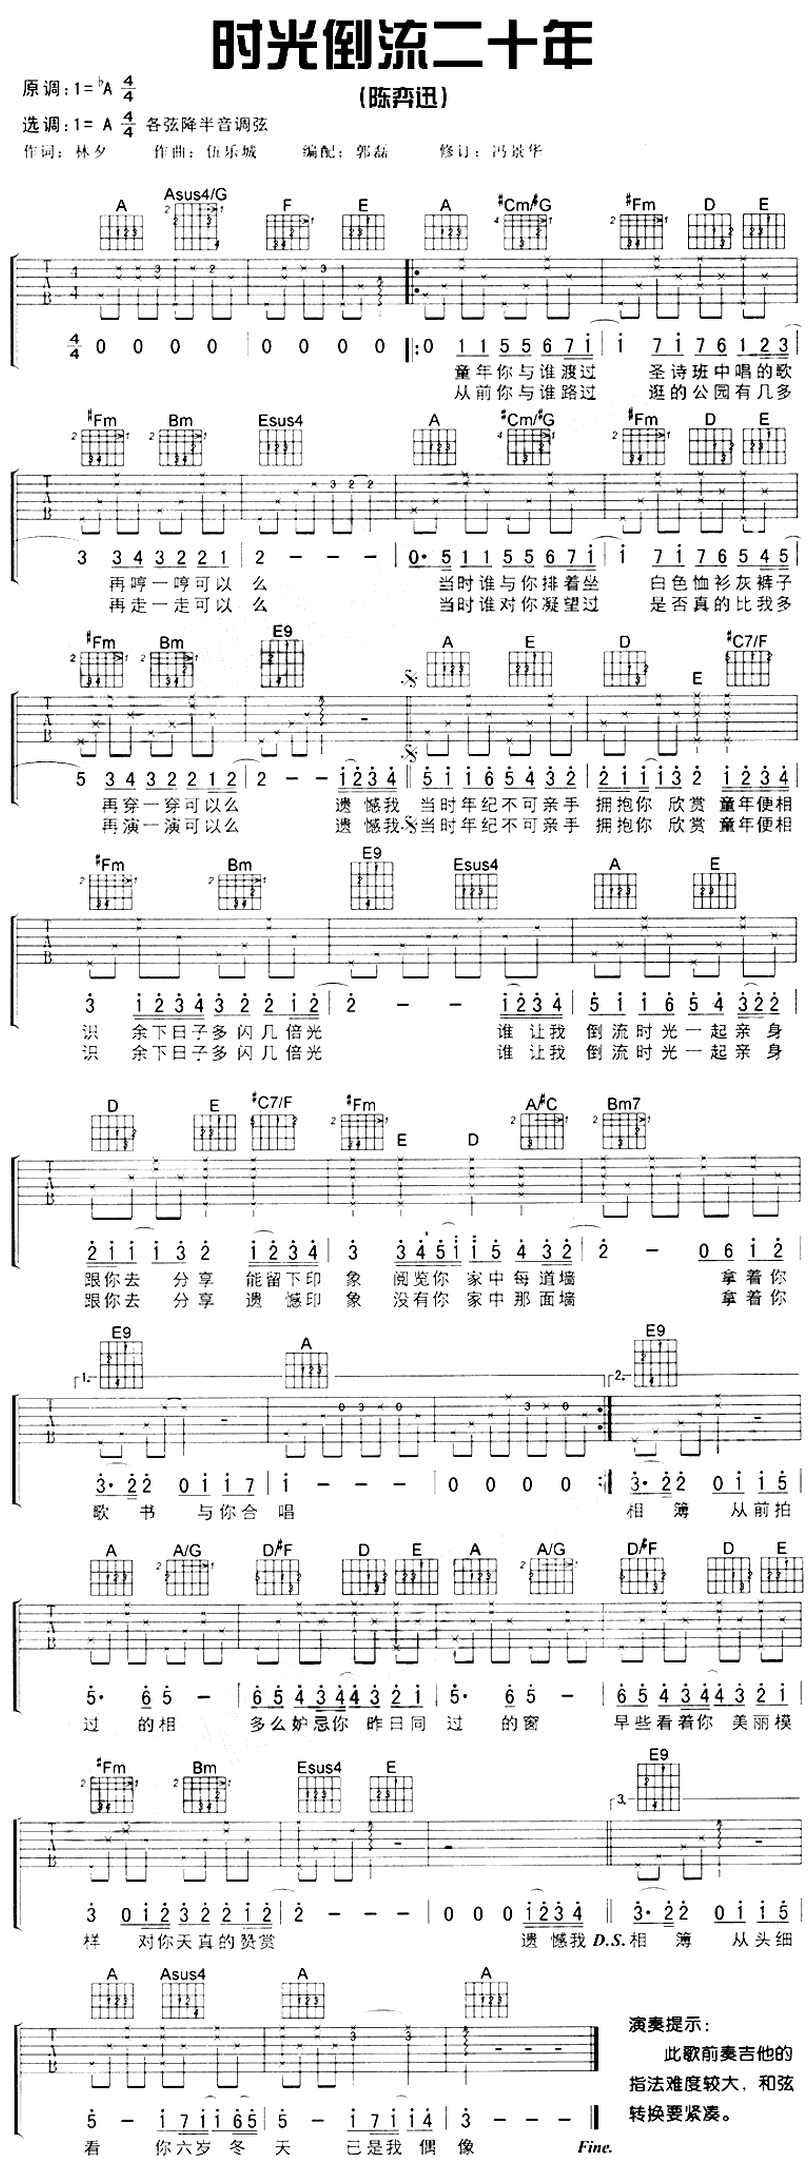 時光倒流二十年-陳奕迅-图片吉他谱-0